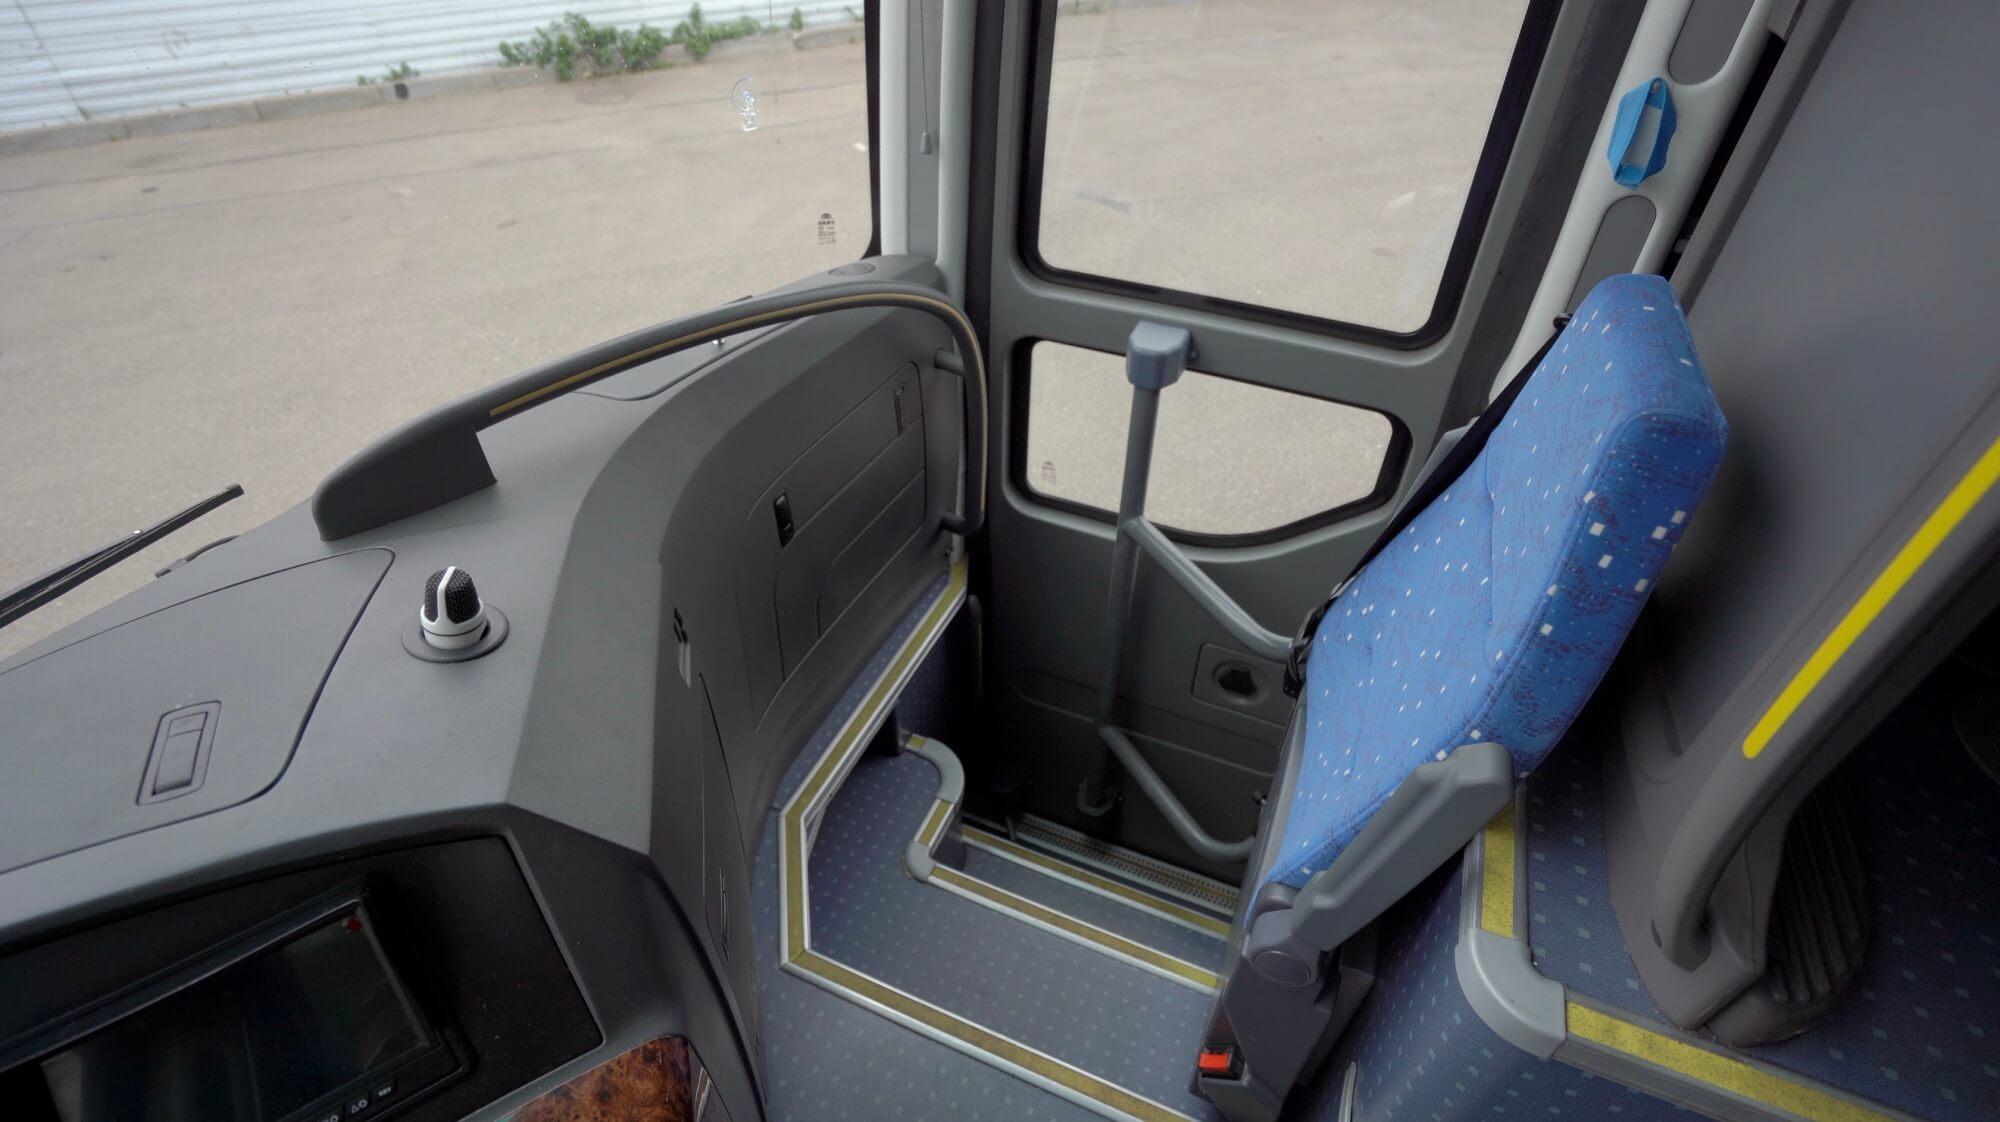 Вход в автобусYutong 6122Н9 2018 года 51+1 (без кулера с мягкими перегородками)